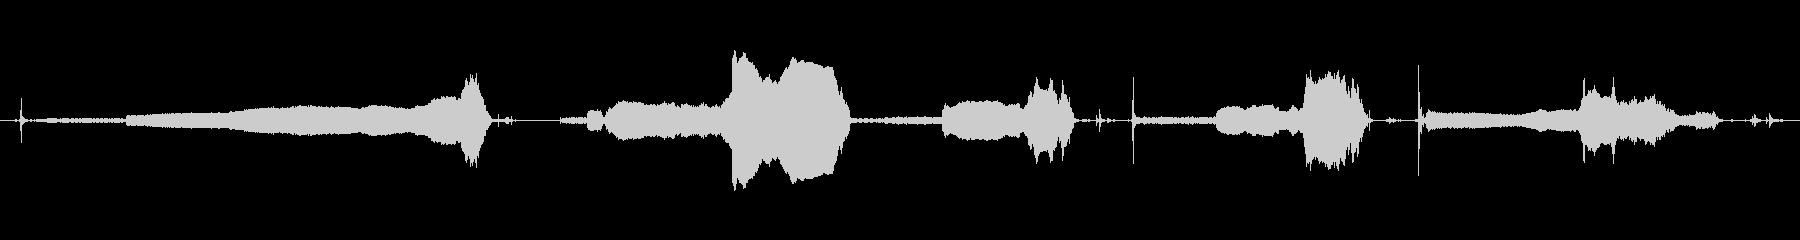 小型高速研削盤:研削、さまざまな開...の未再生の波形